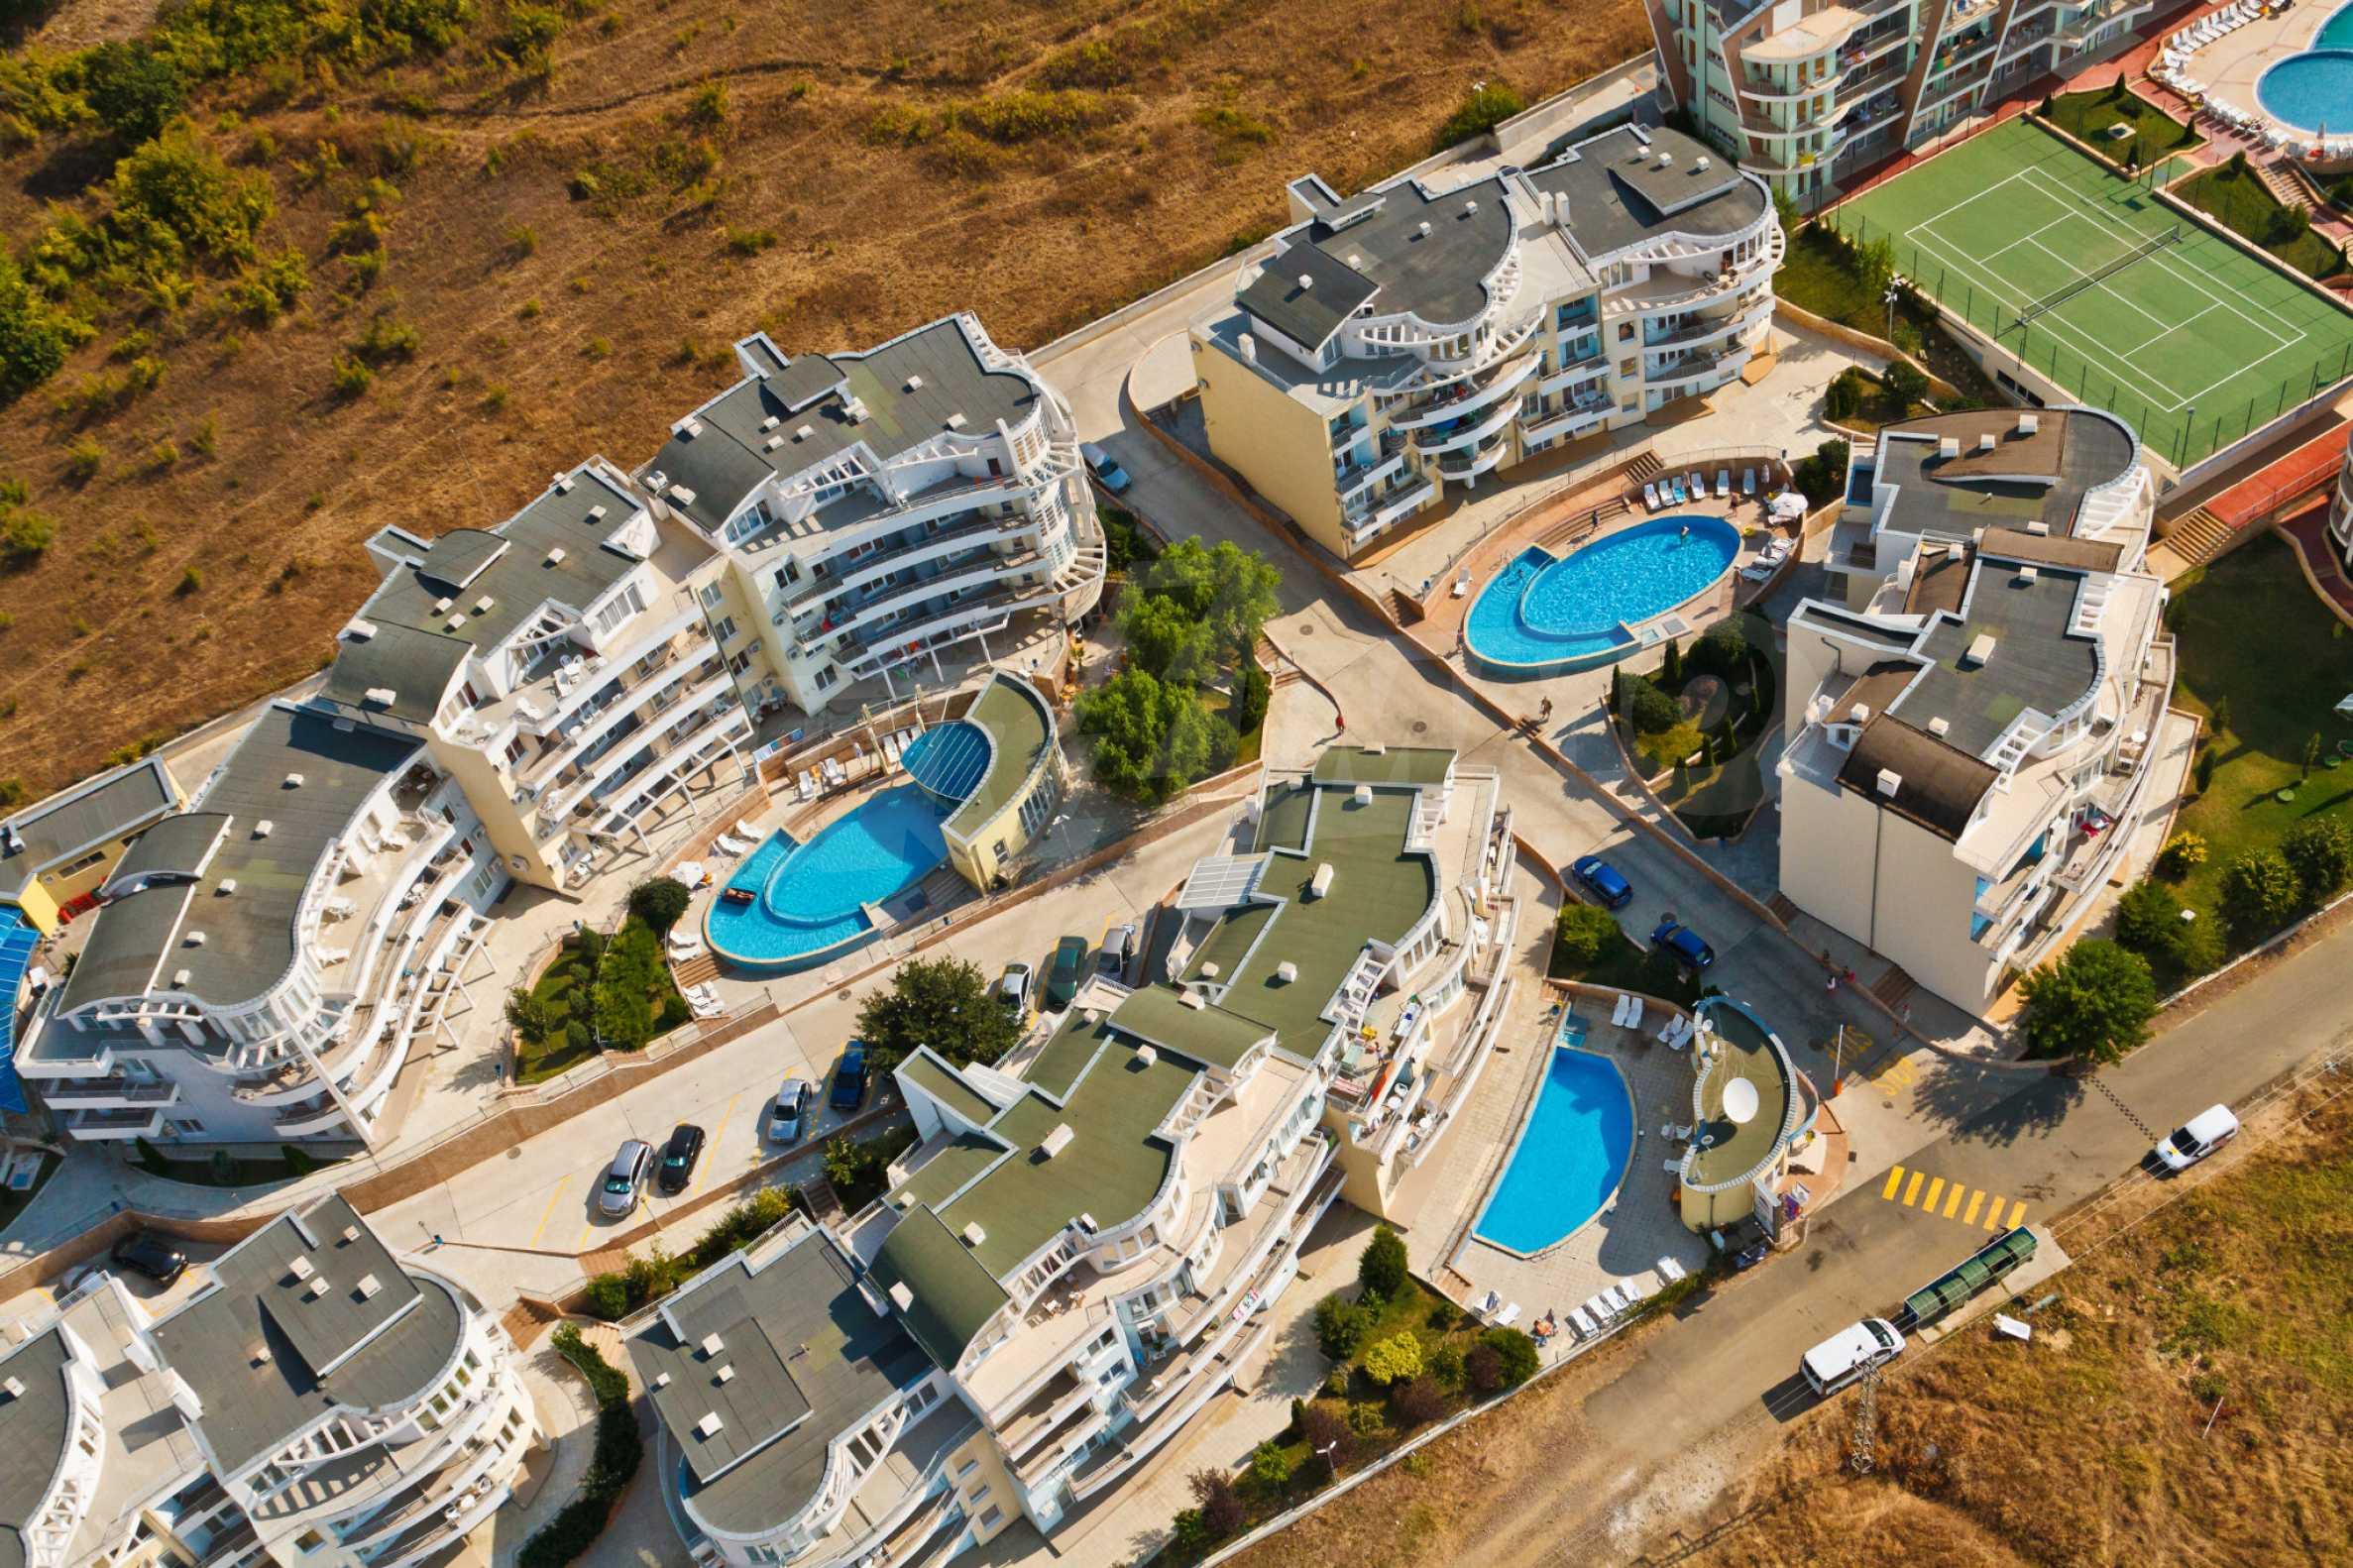 Erschlossene Grundstücke in der luxuriösen Villa-Siedlung SUNSET VILLAS 15